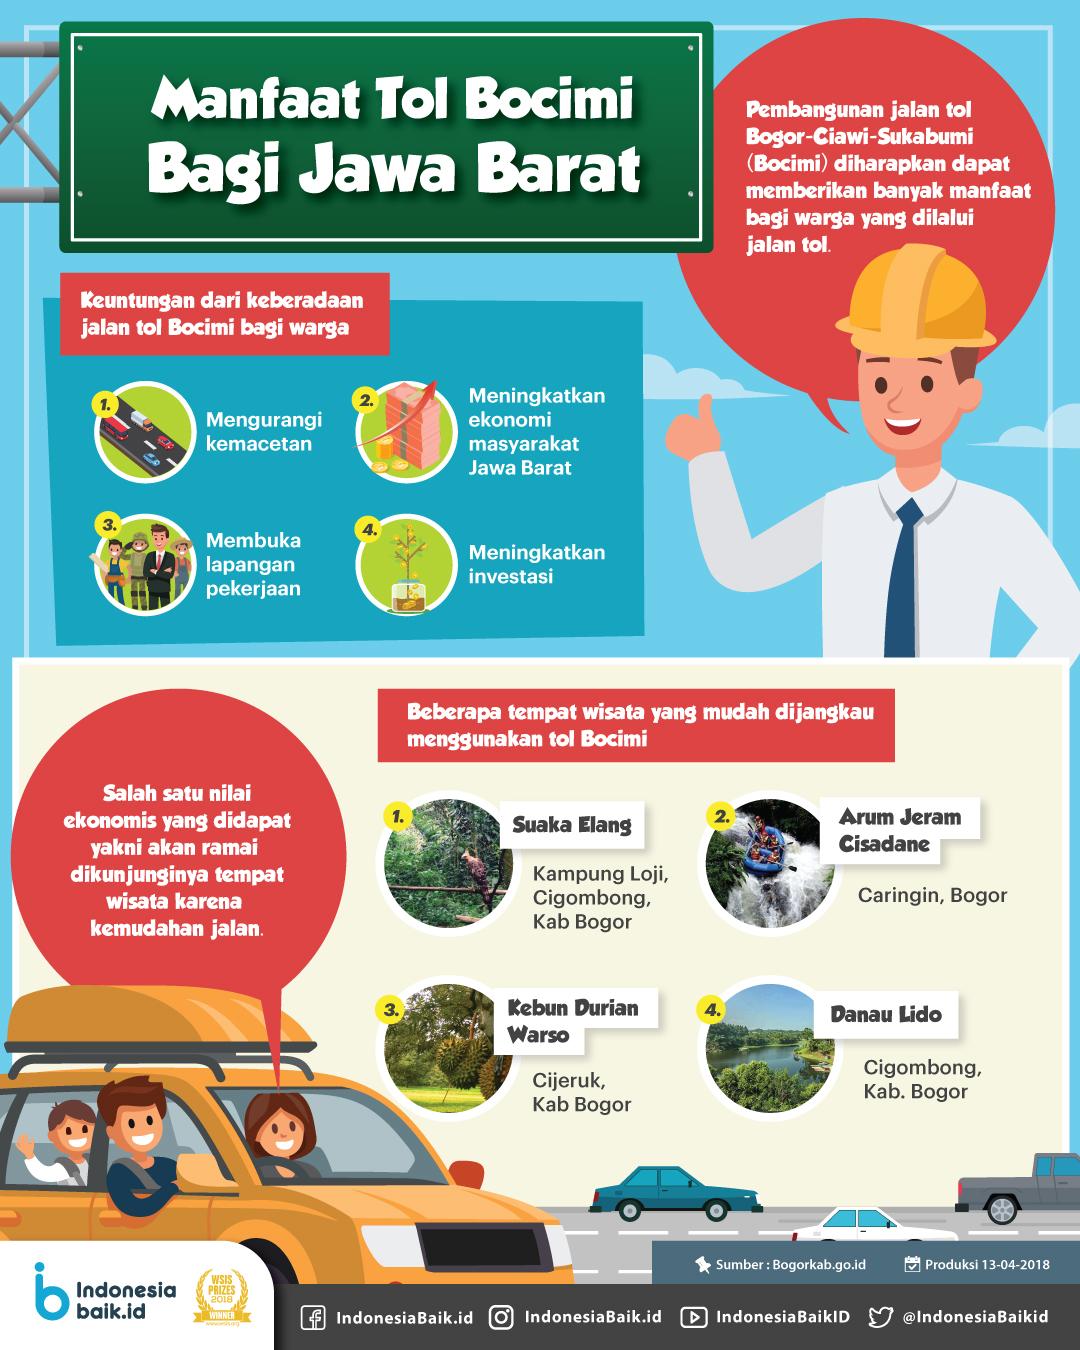 Manfaat Tol Bocimi Bagi Jawa Barat